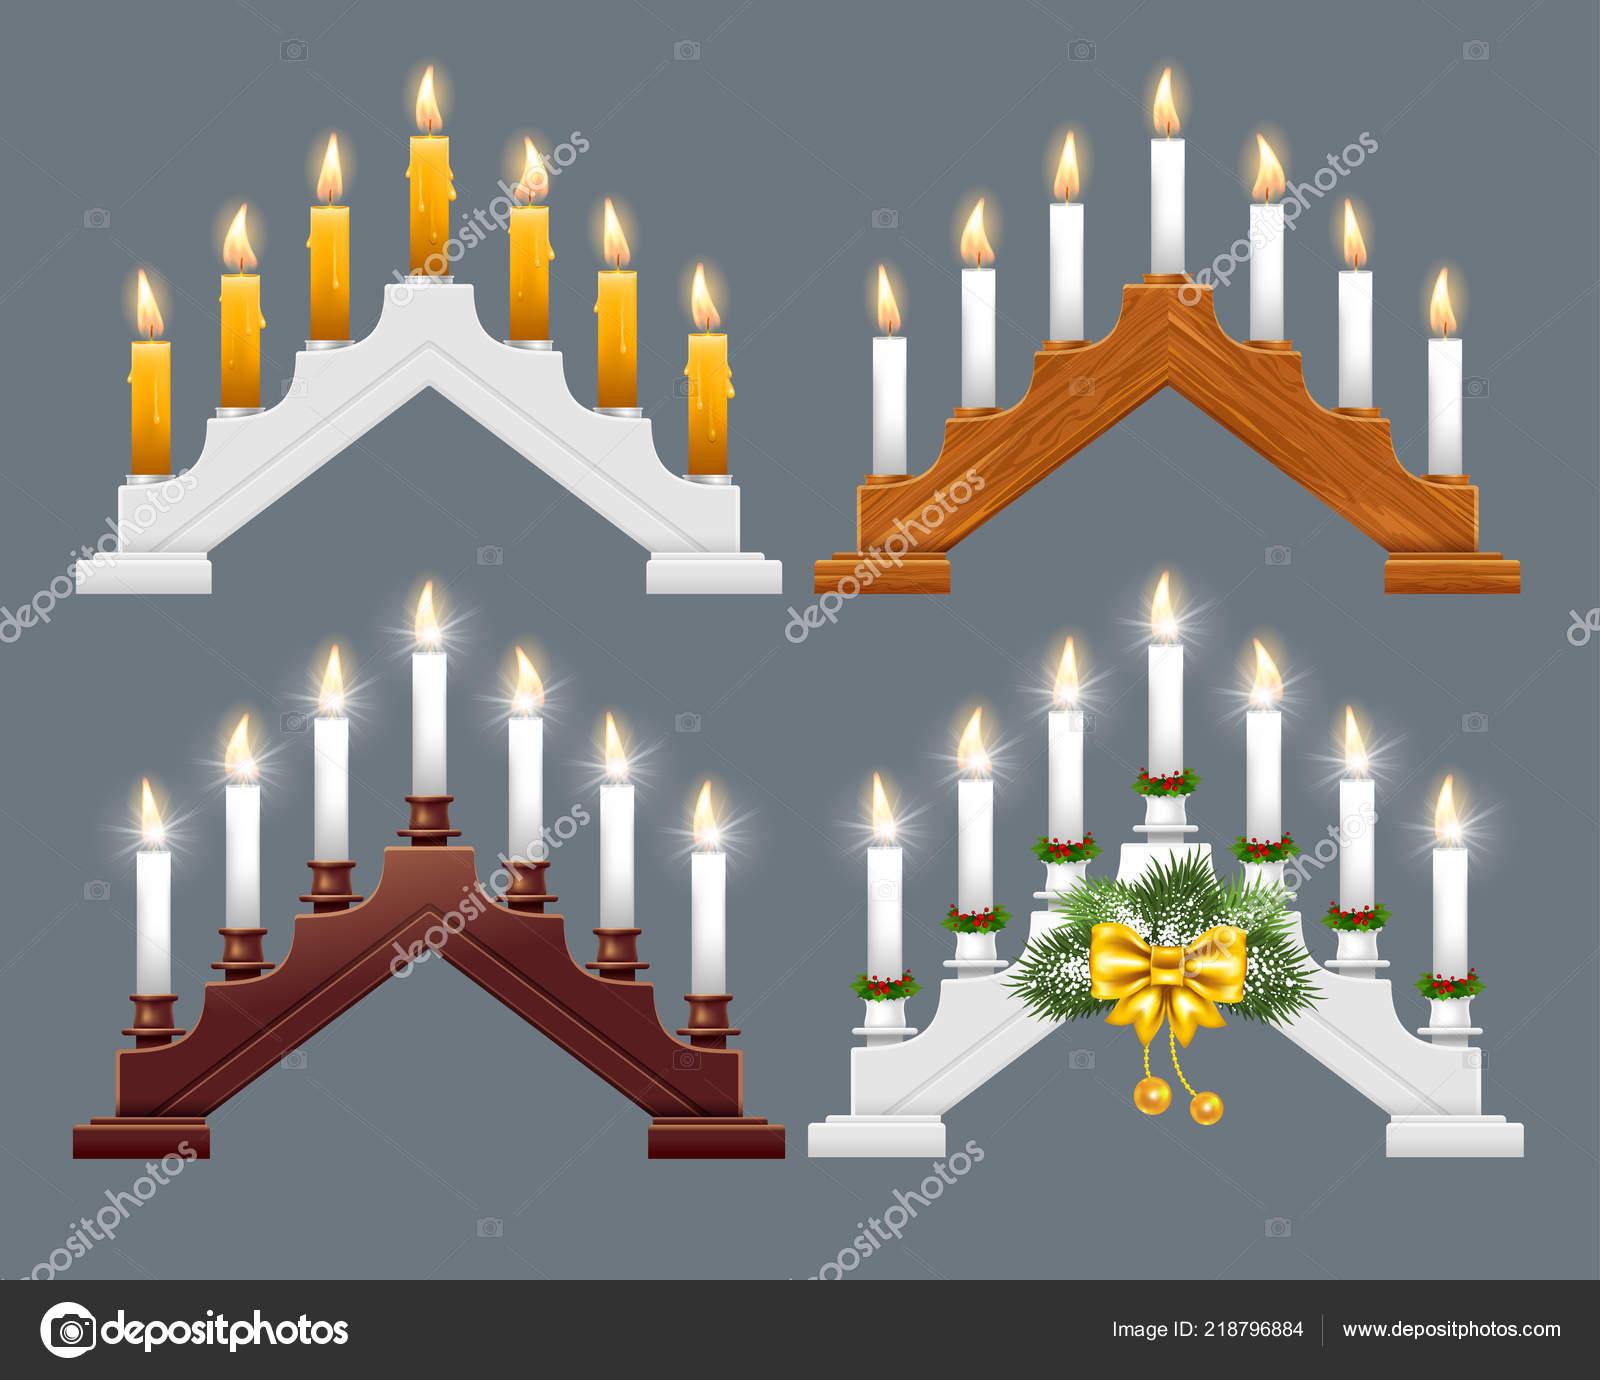 Zestaw Drewniane Gwiazdkowa Świeca Światła Most³w Lub Łuki Xmas